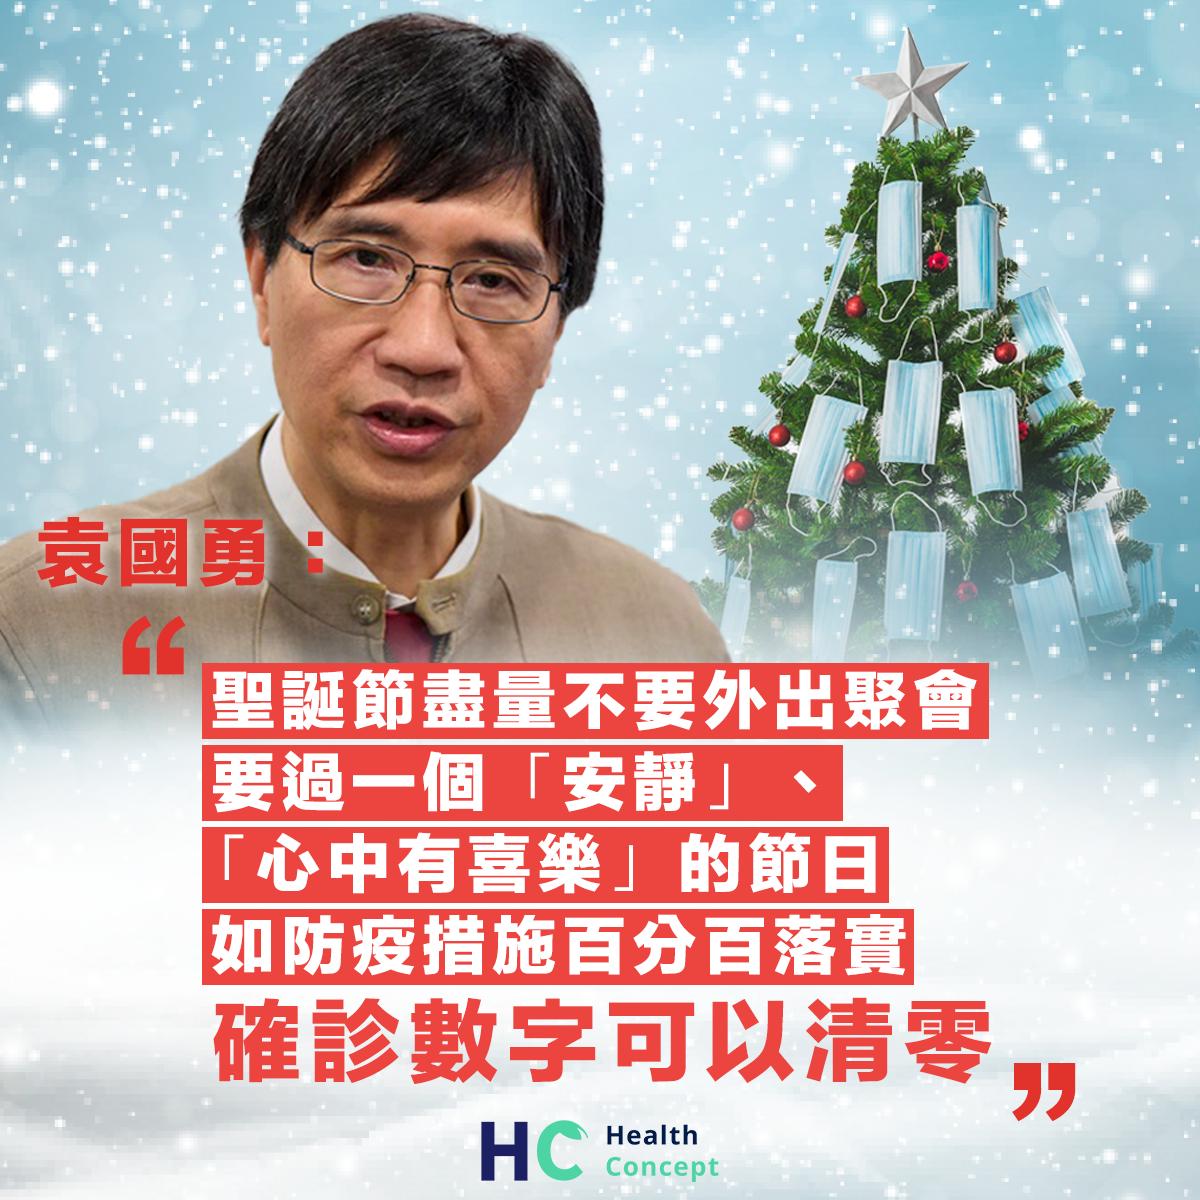 袁國勇:聖誕節盡量不要外出聚會 過一個「心中有喜樂」的節日